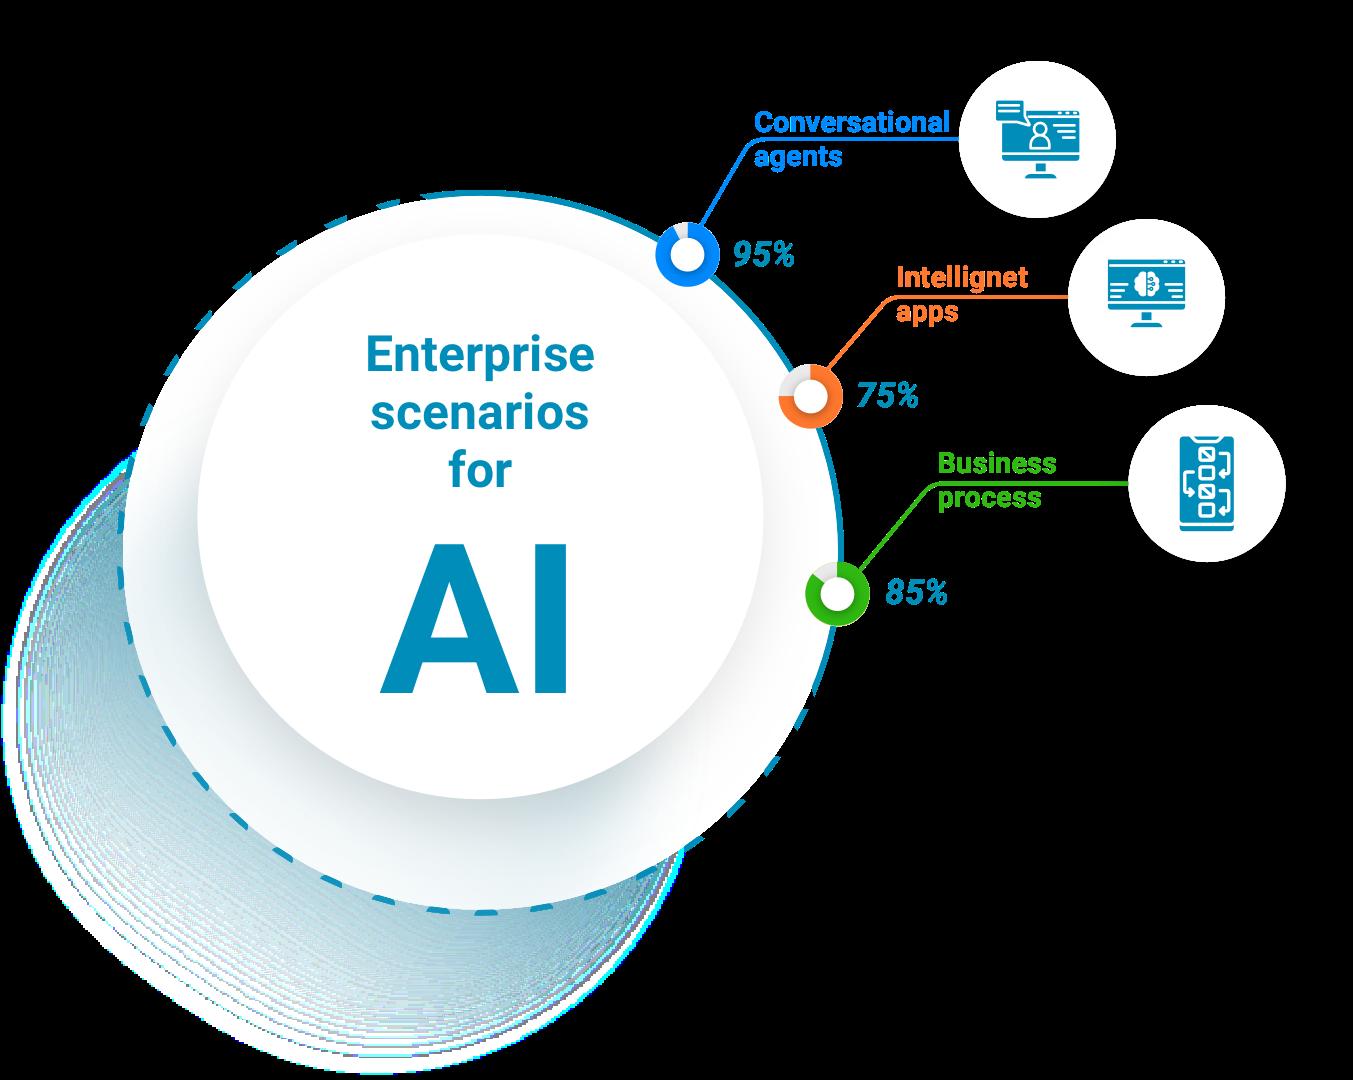 Enterprise Scenario for AI